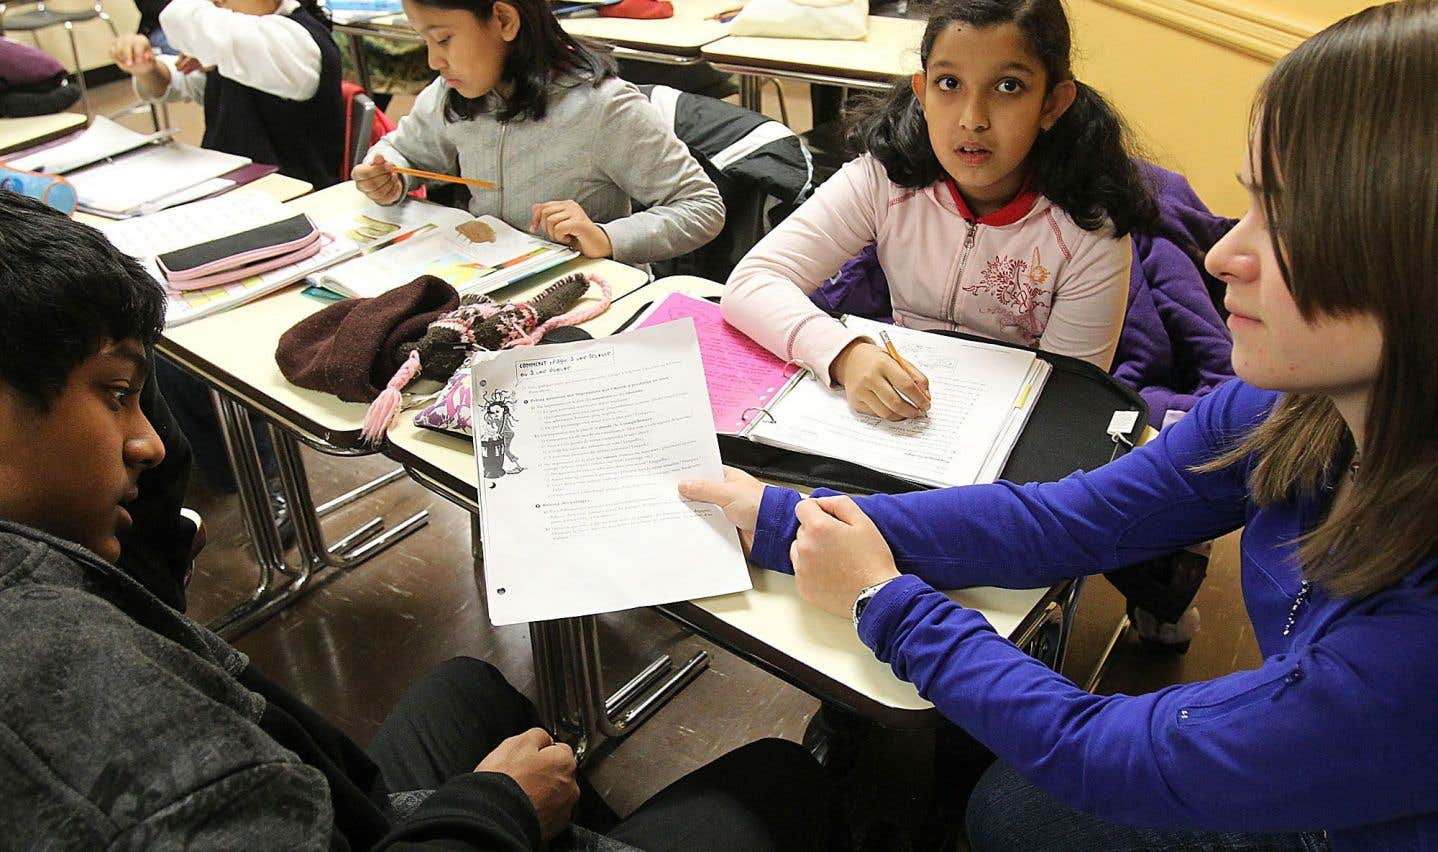 Depuis plusieurs années, les enseignantes et enseignants qui travaillent dans des classes d'accueil (au préscolaire, au primaire, au secondaire) ou de francisation (l'éducation des adultes) déplorent la réduction du nombre de ces classes.